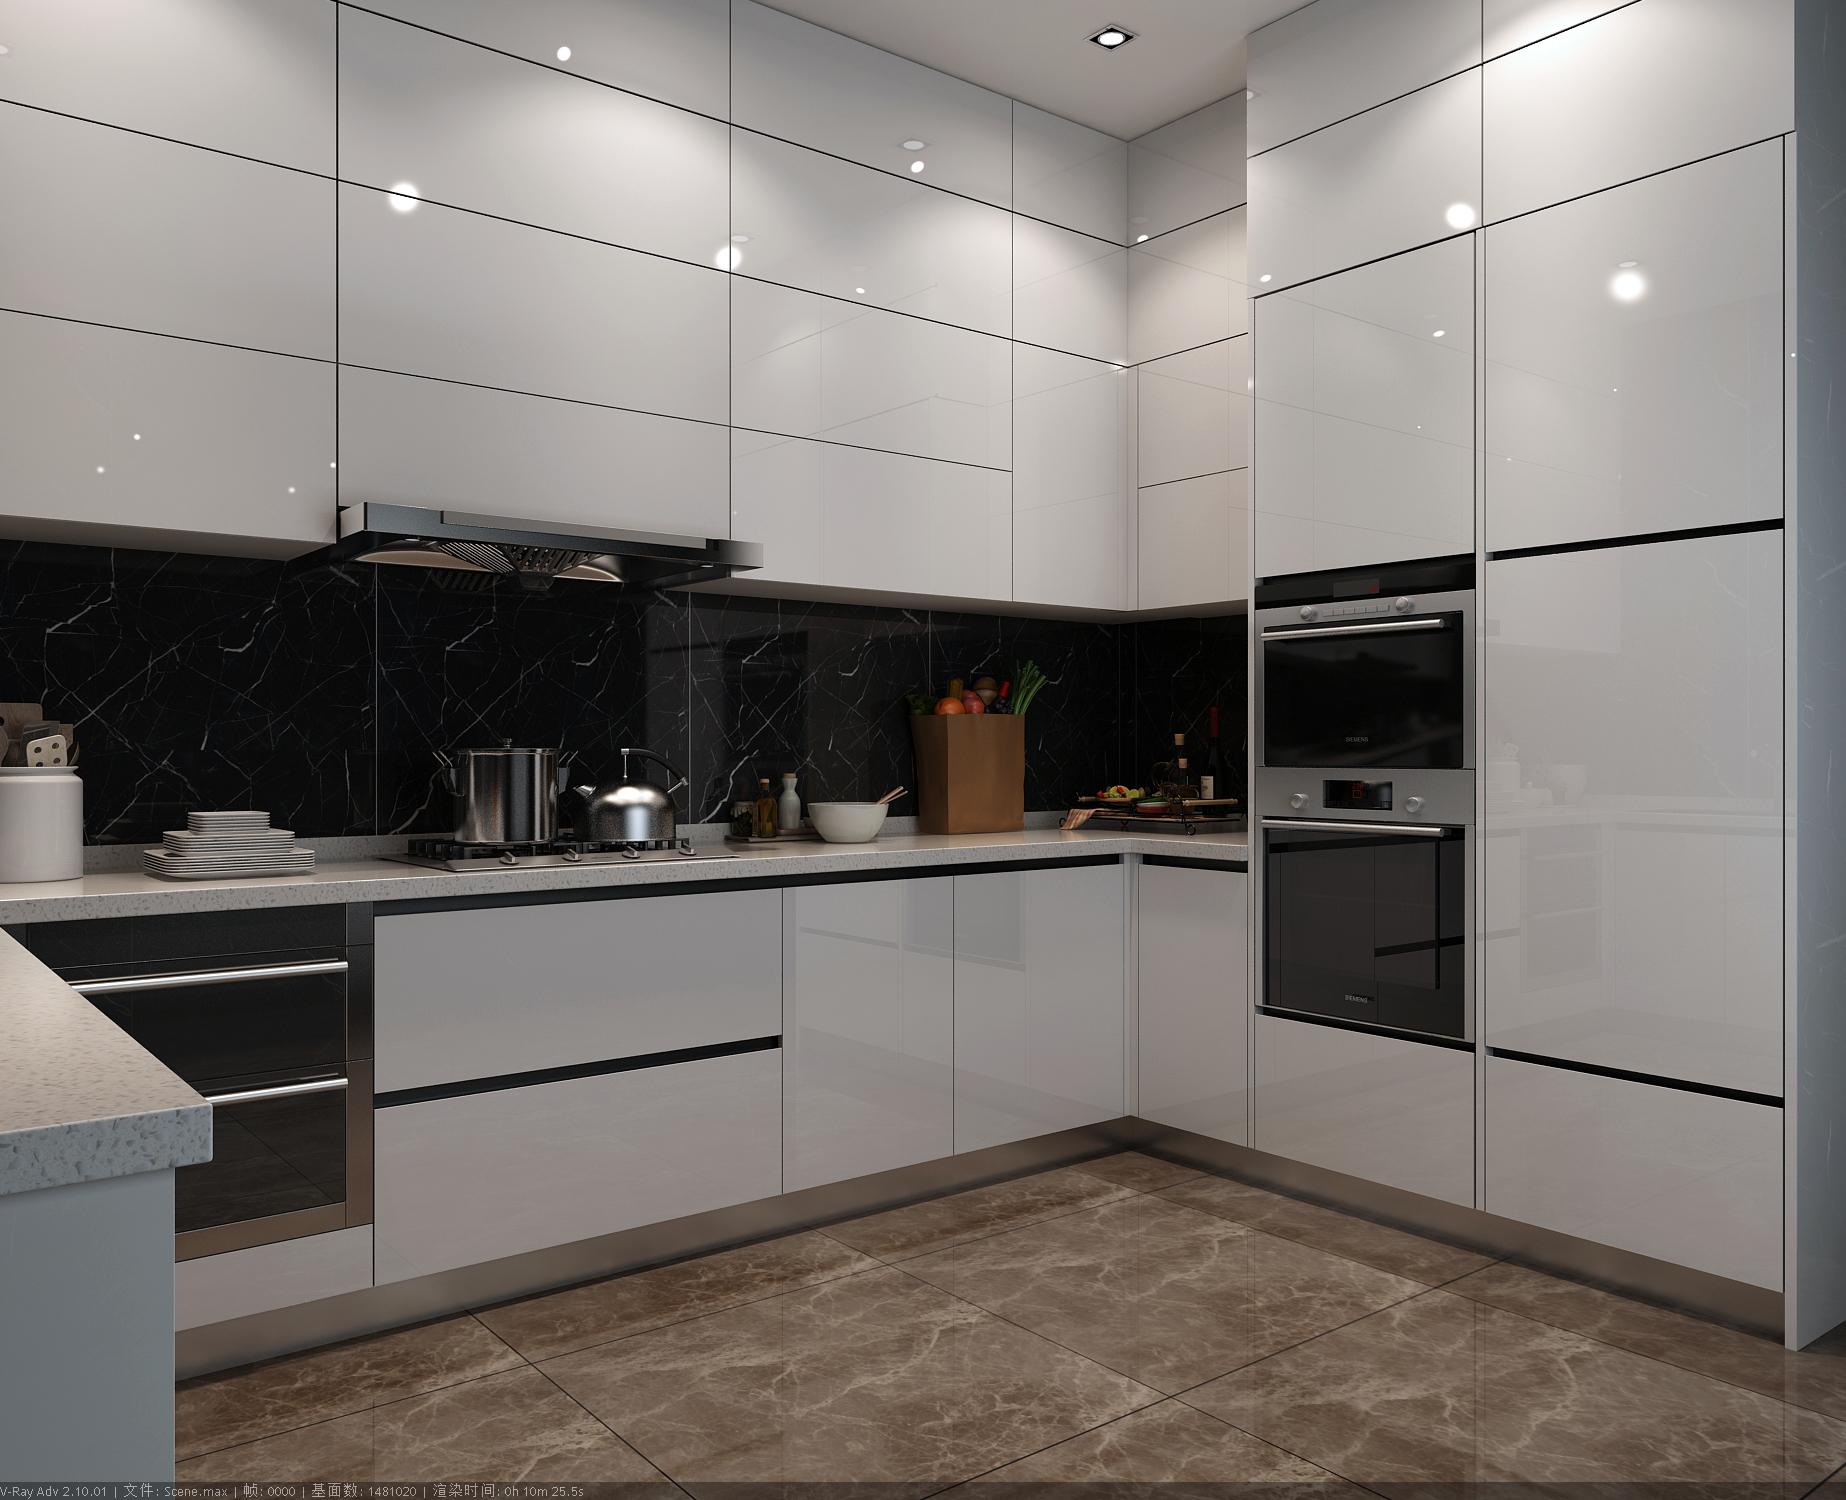 广州橱柜招商公司:如何搭配厨房橱柜和台面!